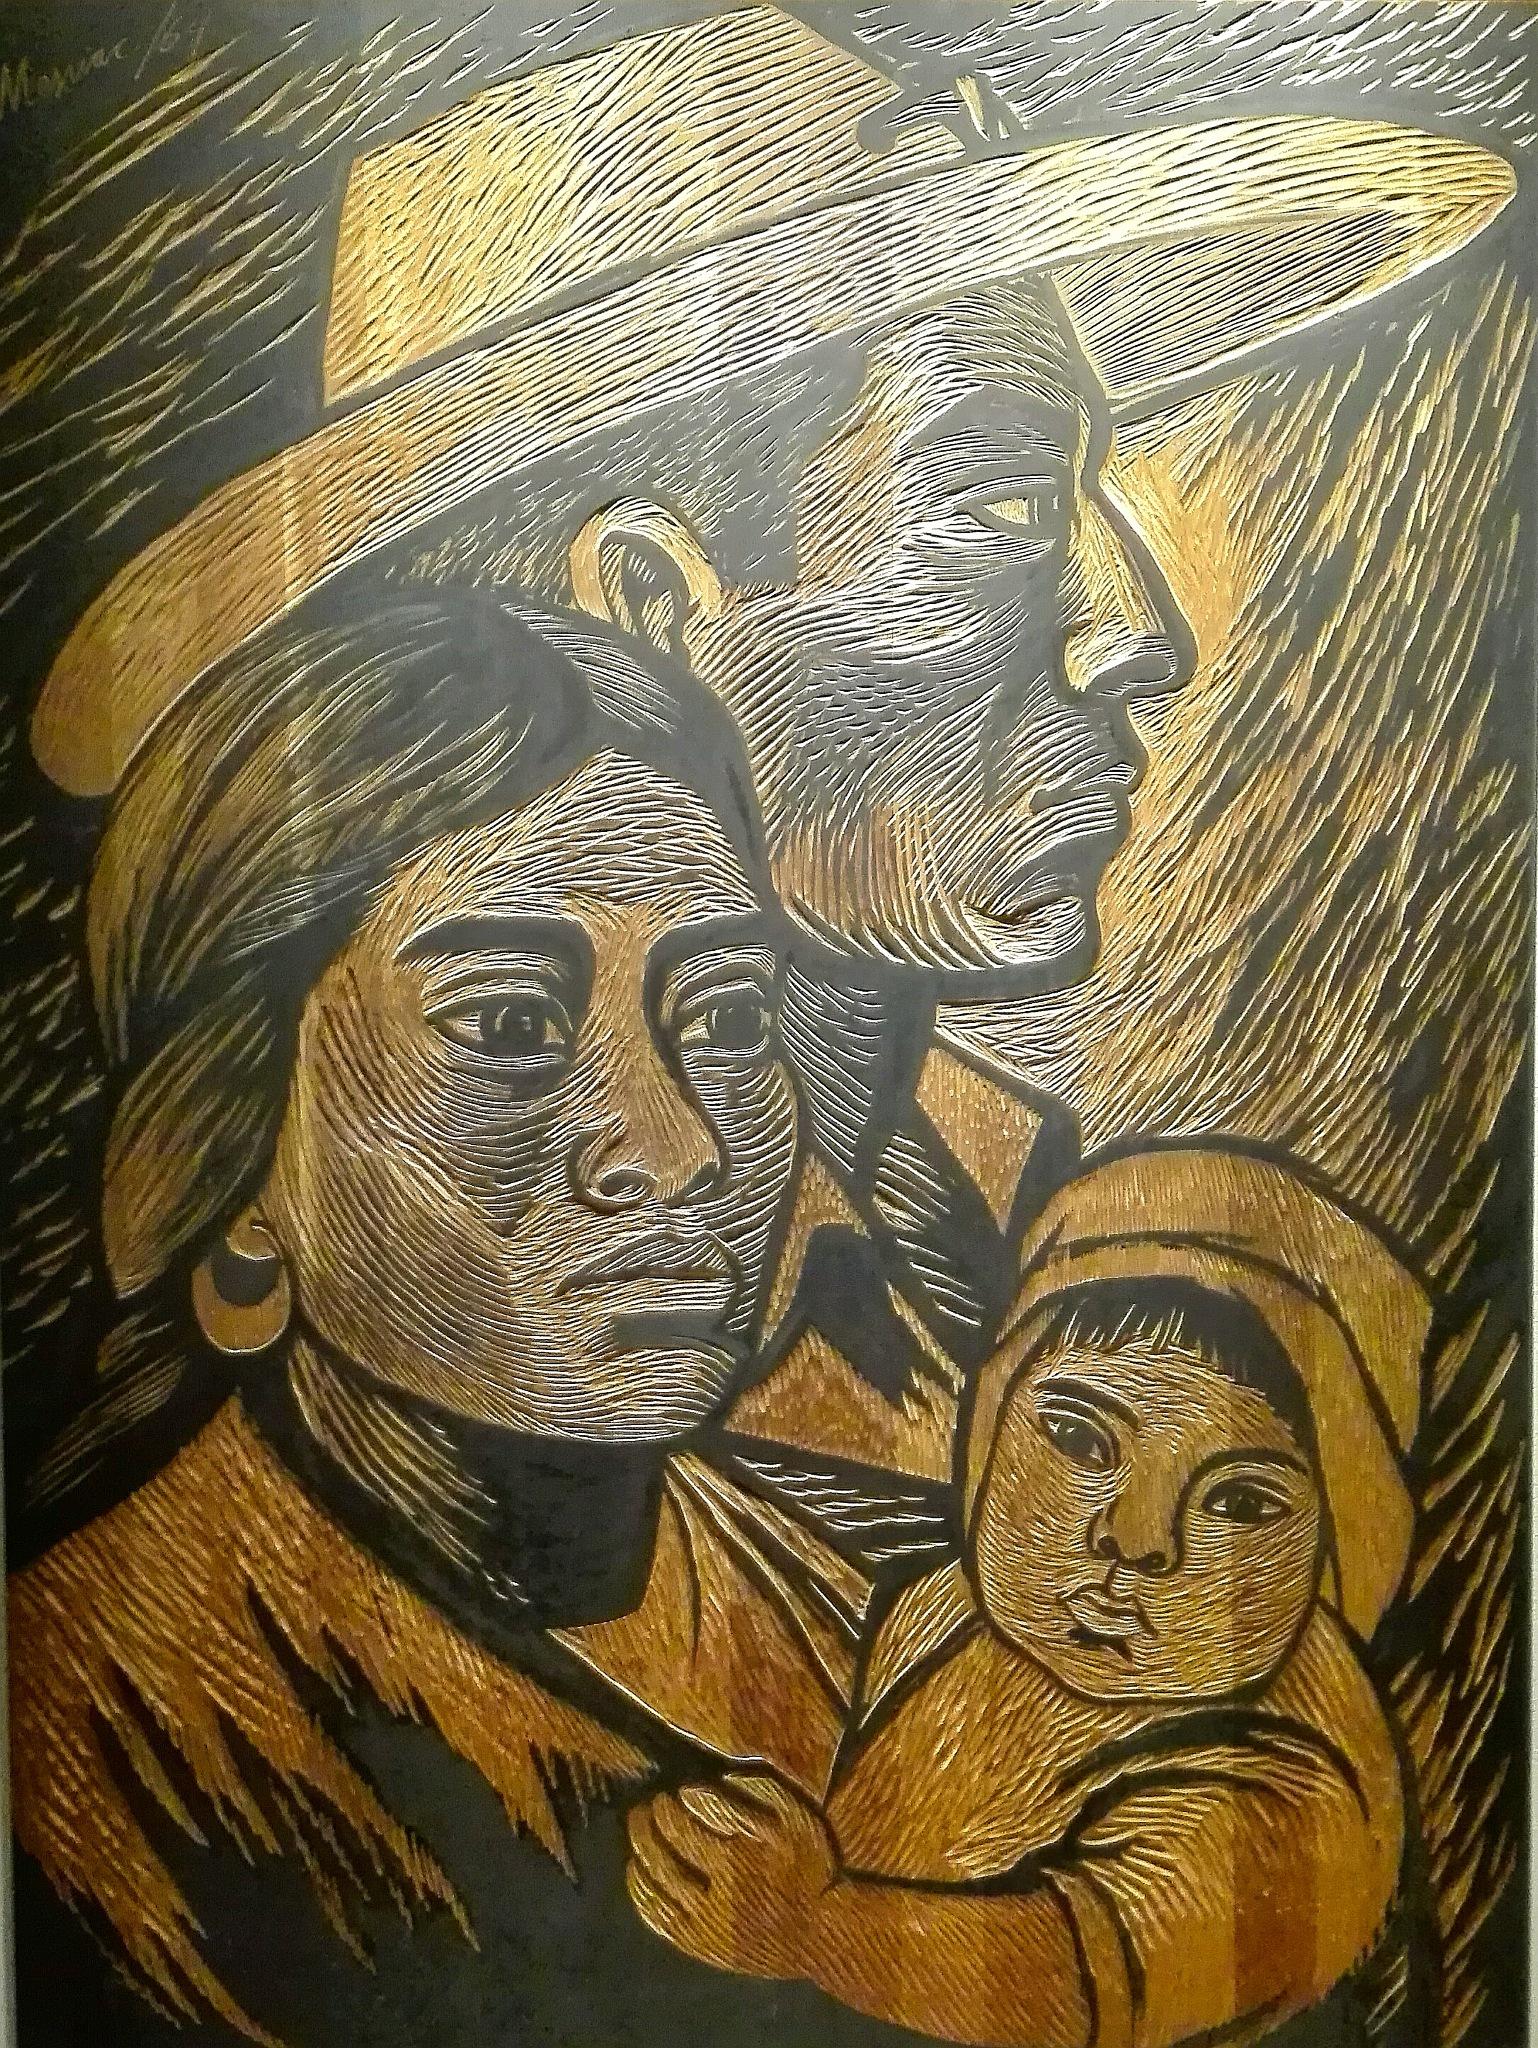 Wood family by Nestor Cid